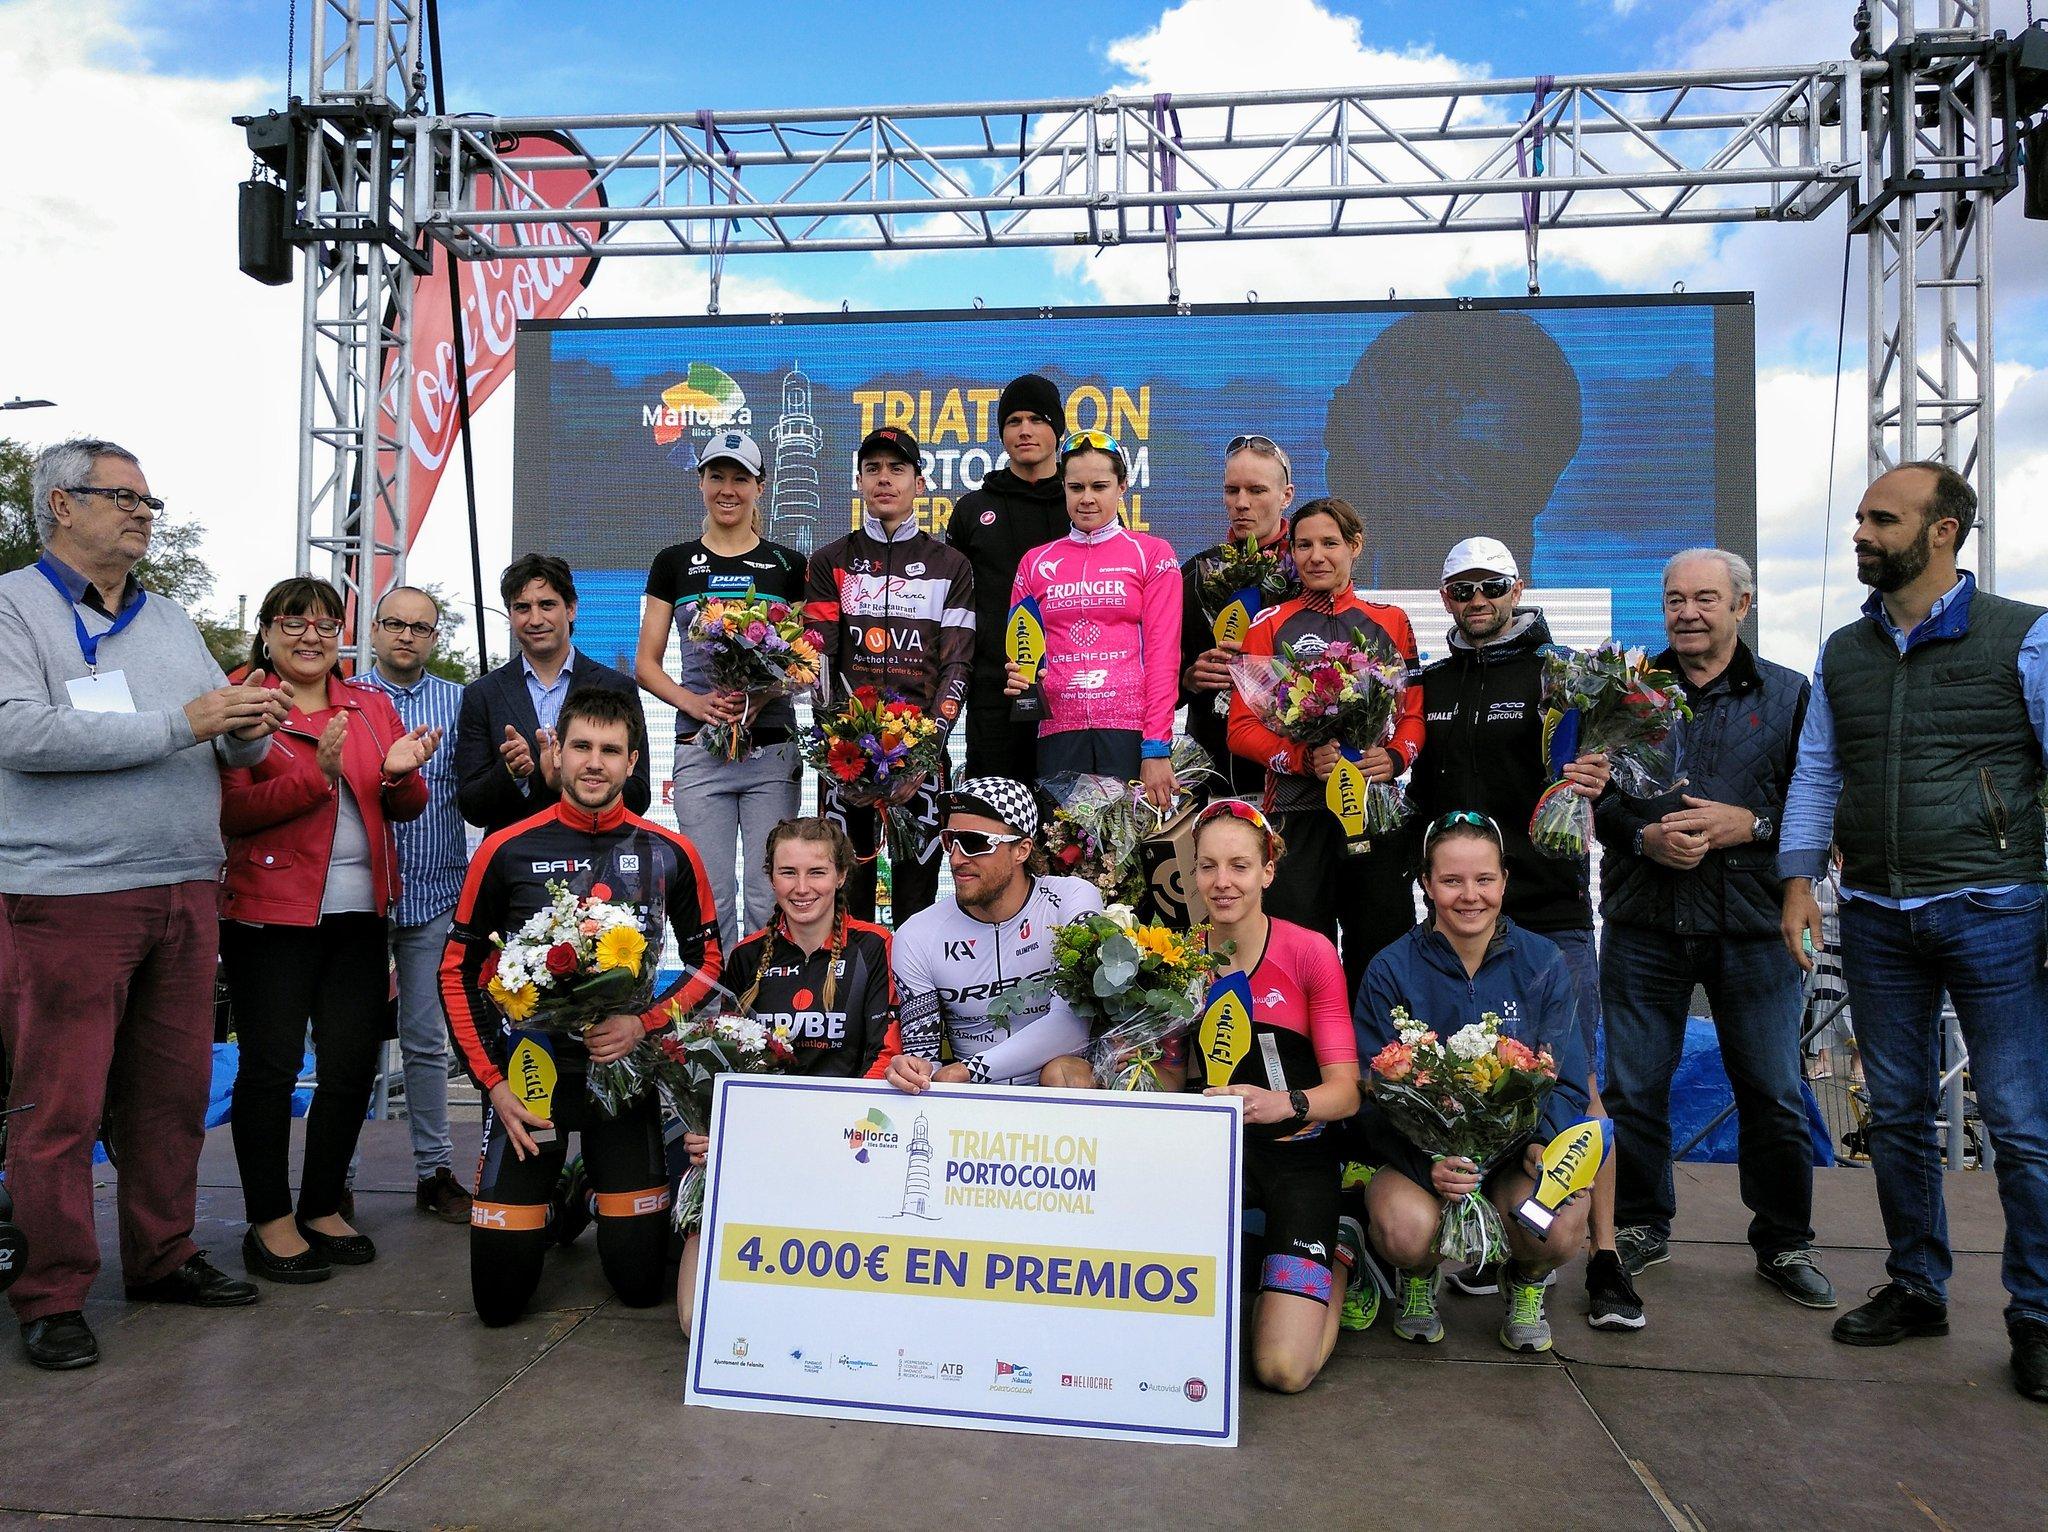 Portocolom podium